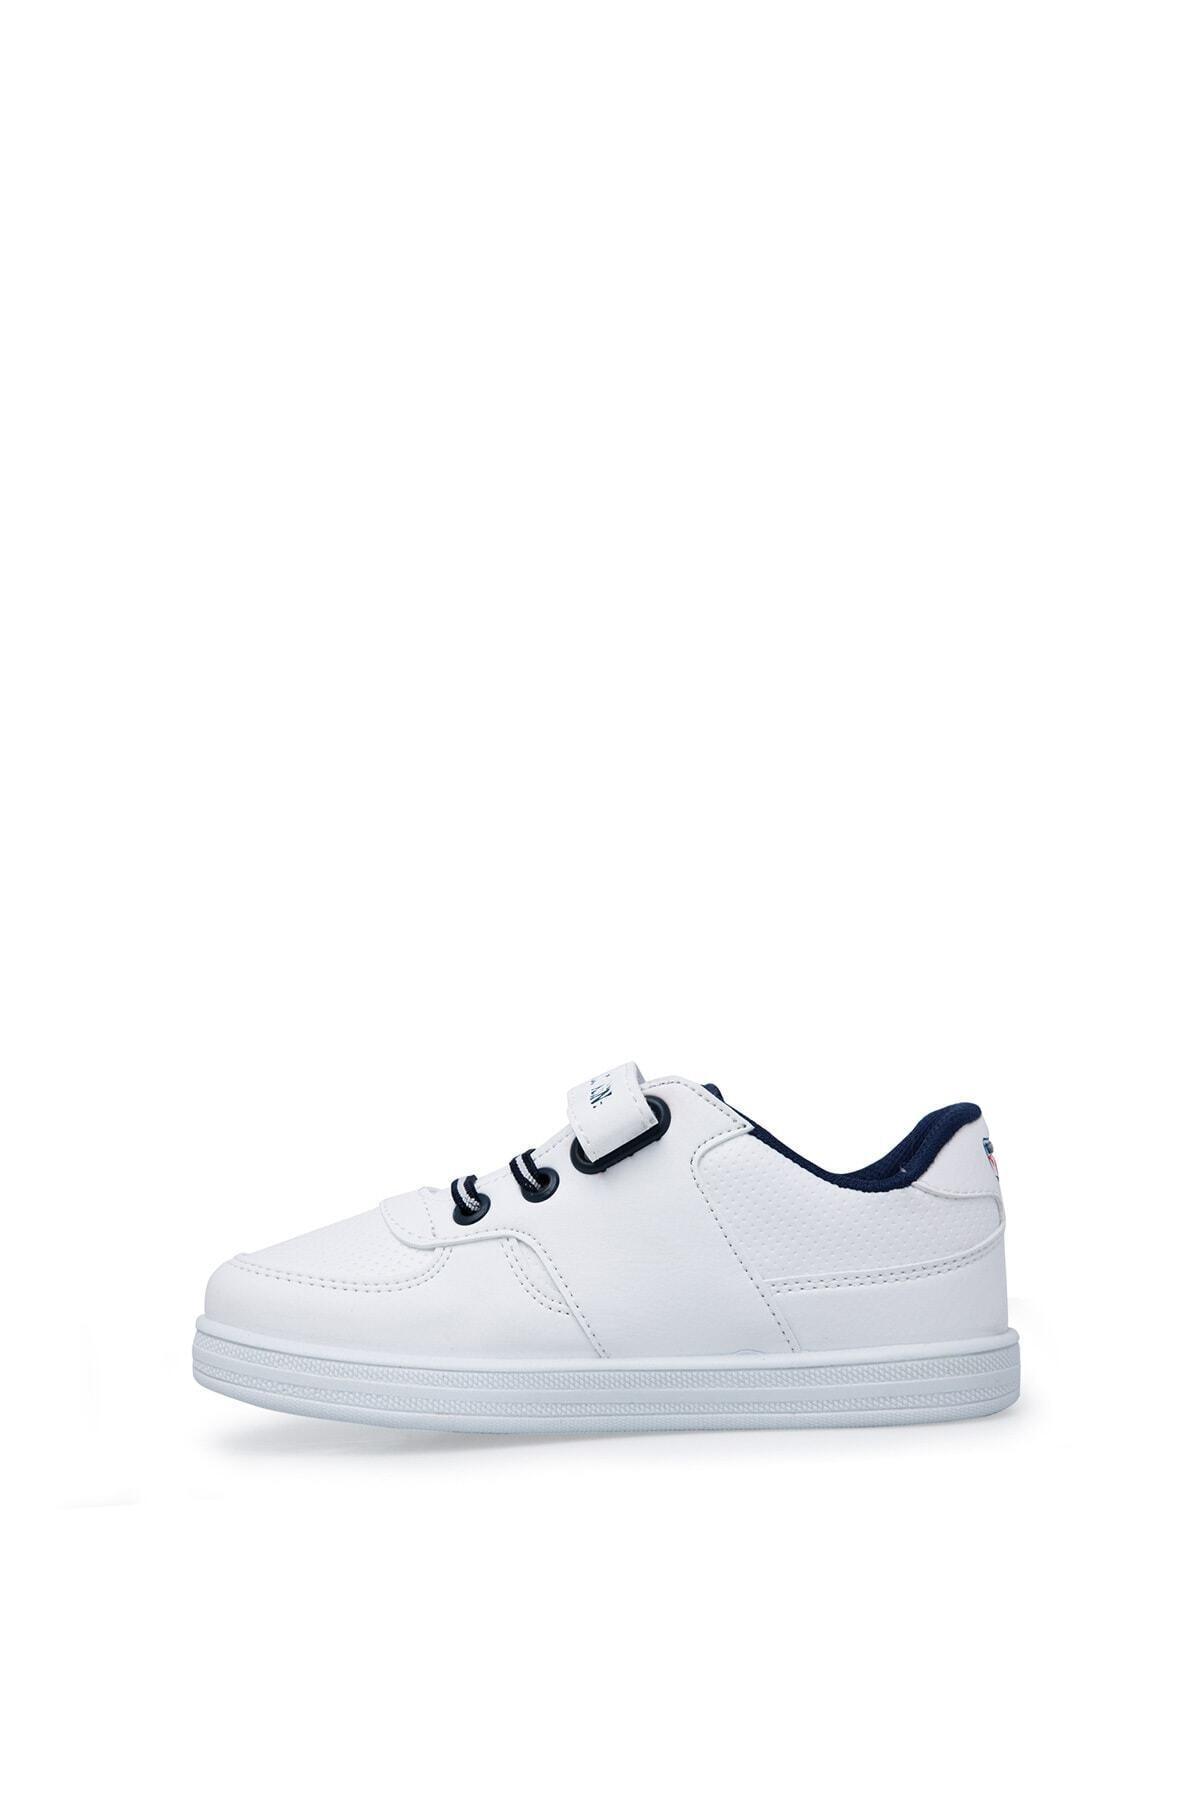 U.S. Polo Assn. Cameron Beyaz Erkek Çocuk Sneaker Ayakkabı 100380400 2